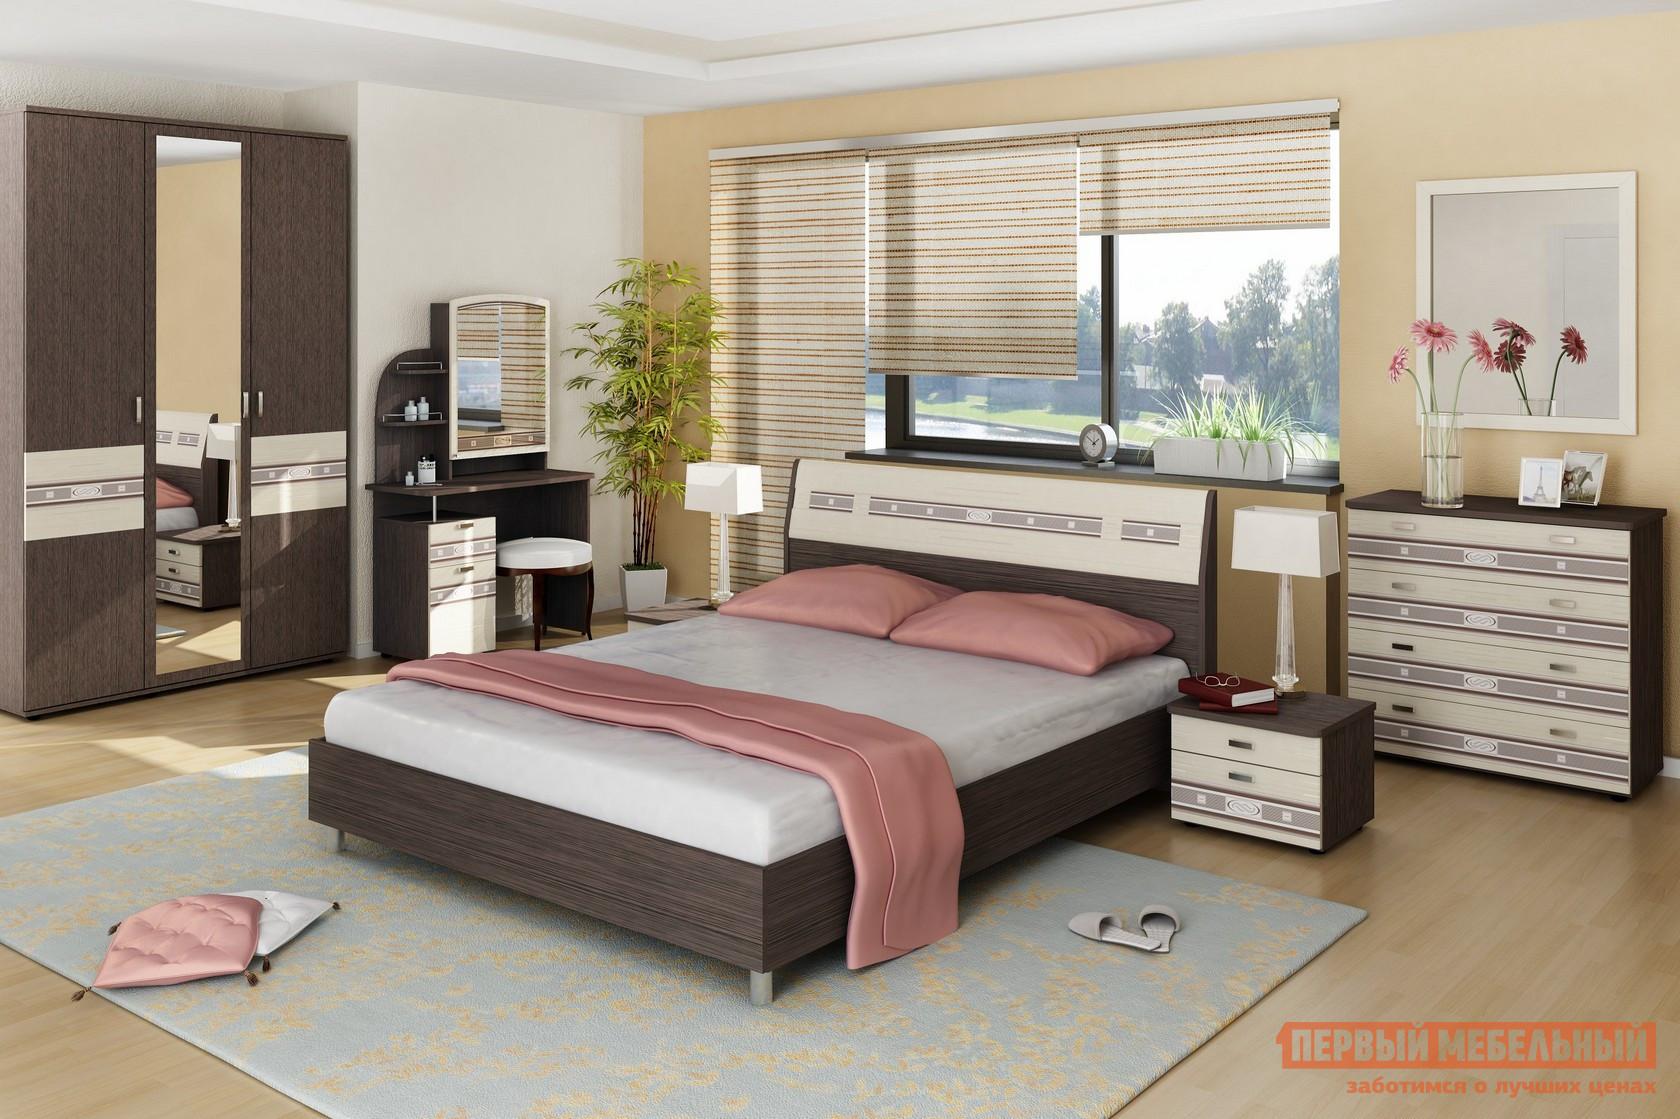 Комплект мебели для спальни Витра Ривьера К1 комплект детской мебели мебельсон колледж к1